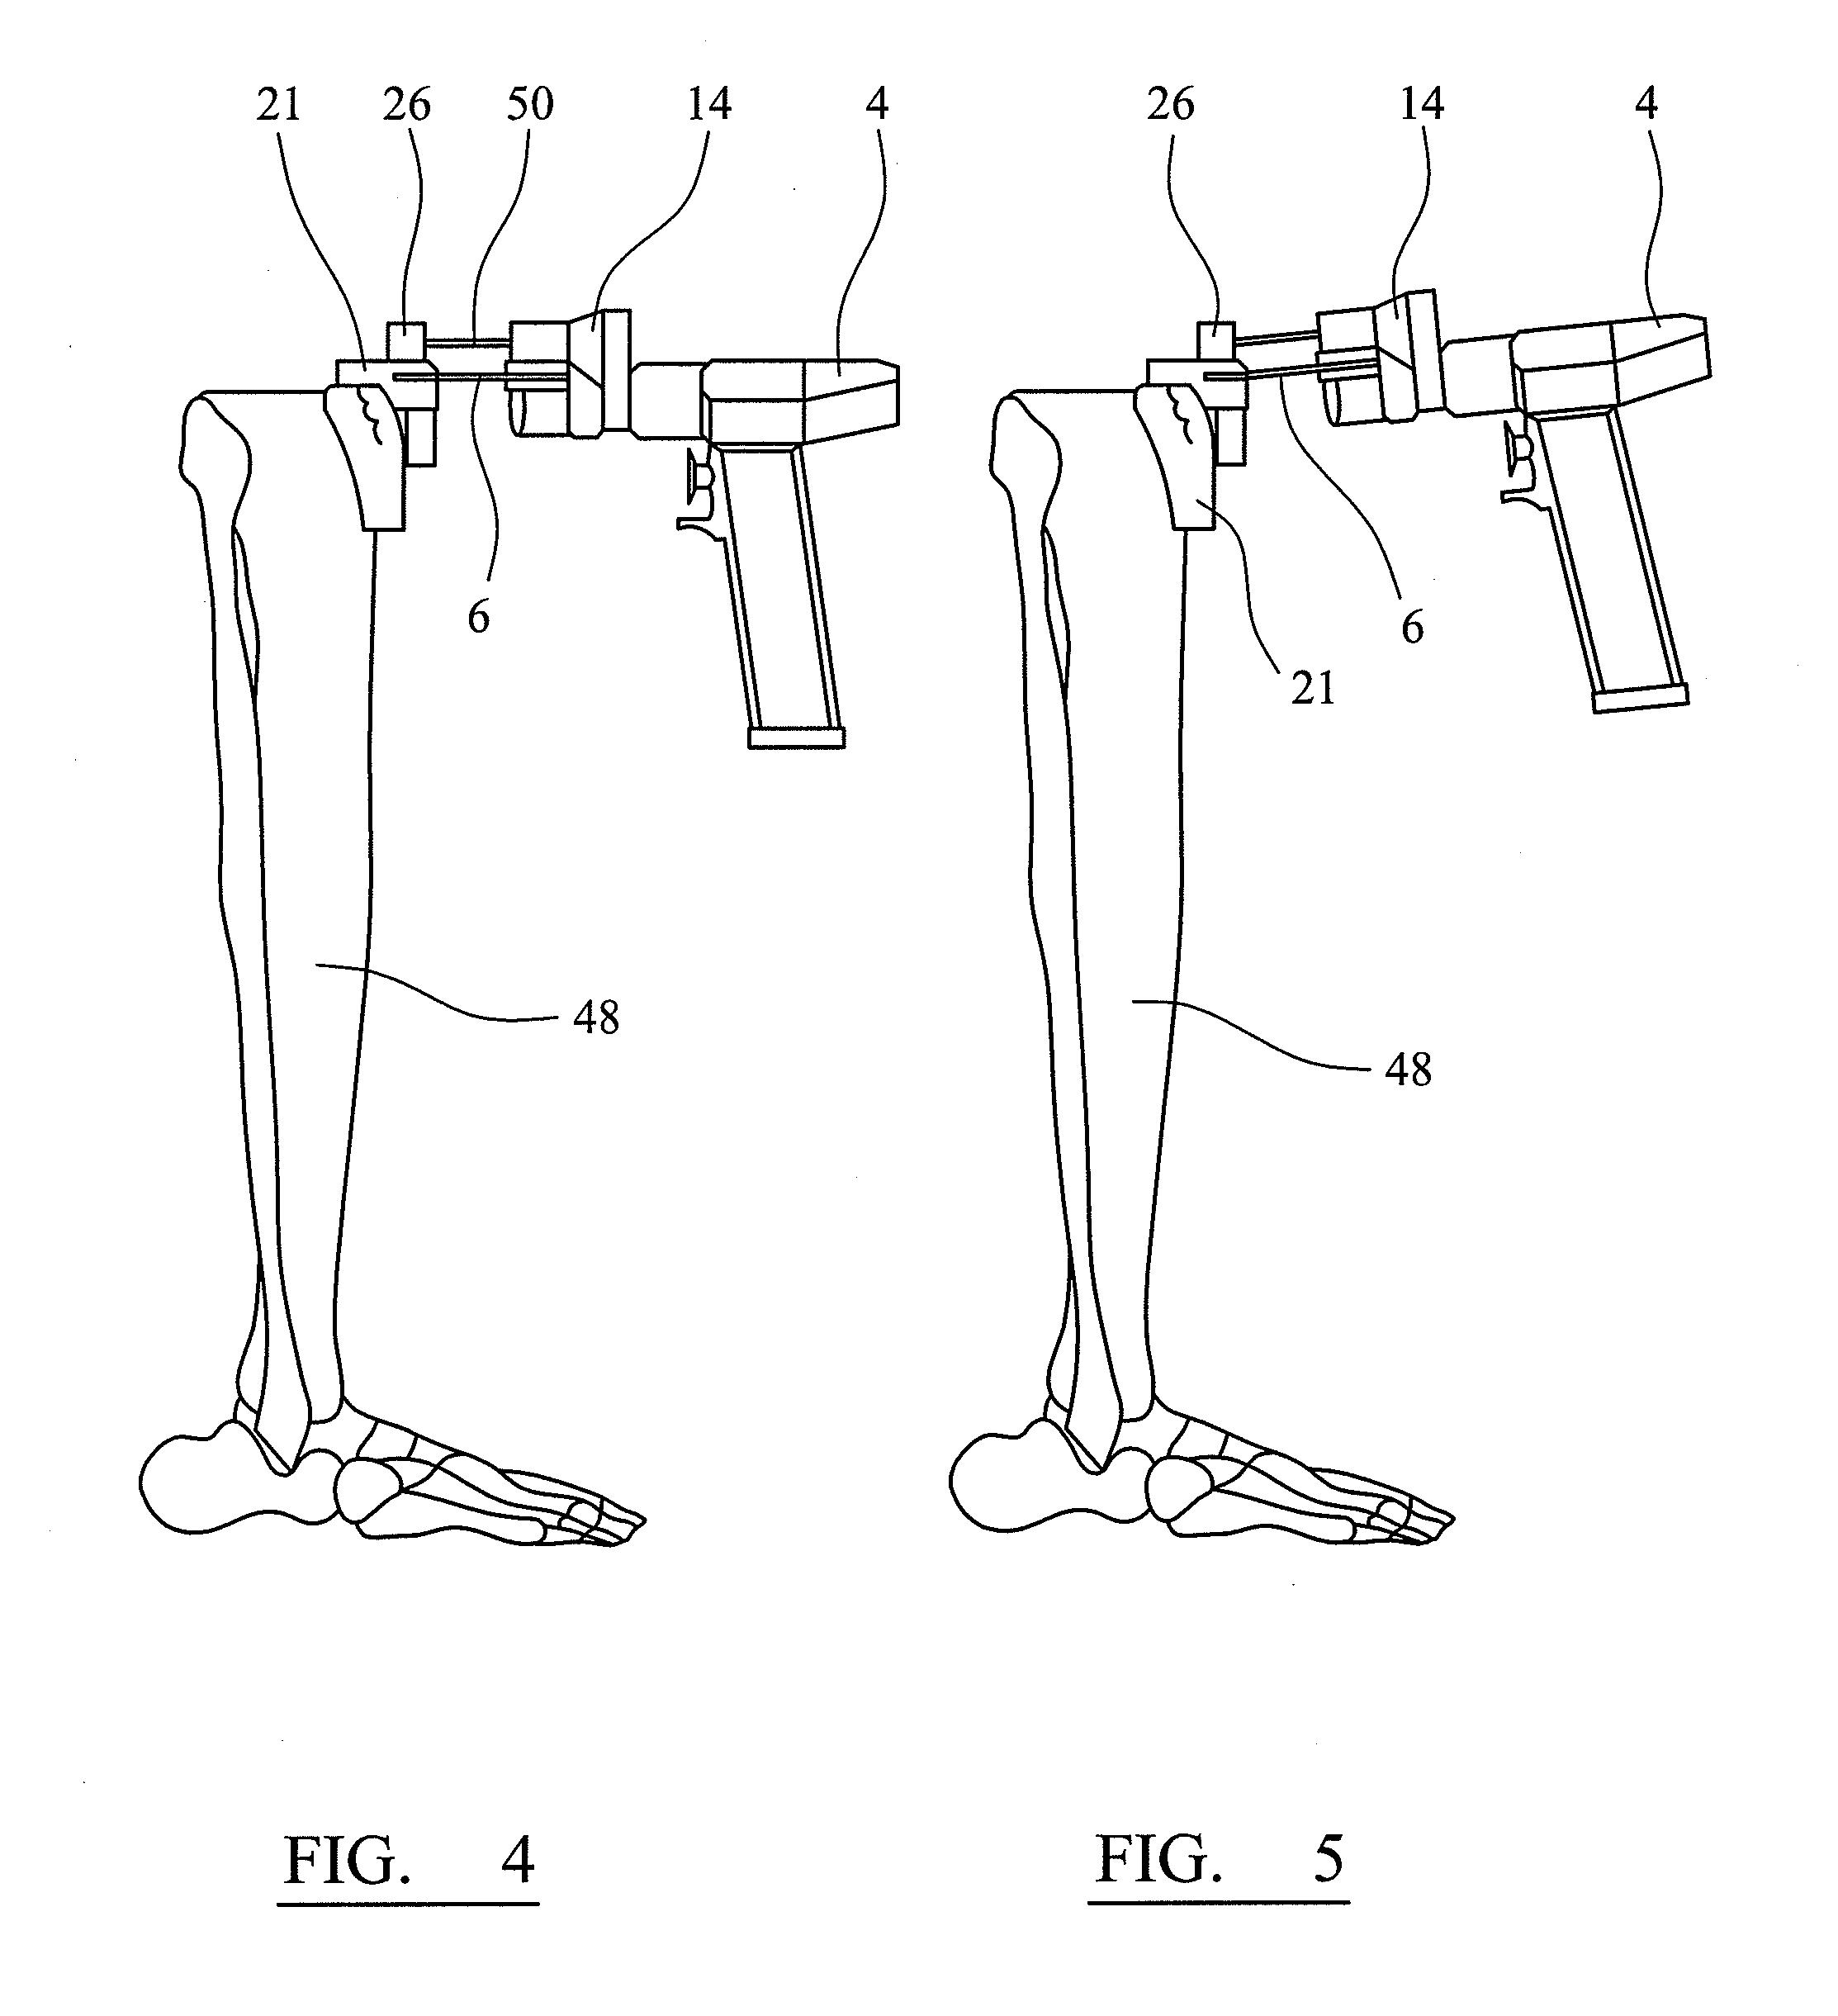 de puy surgical devices